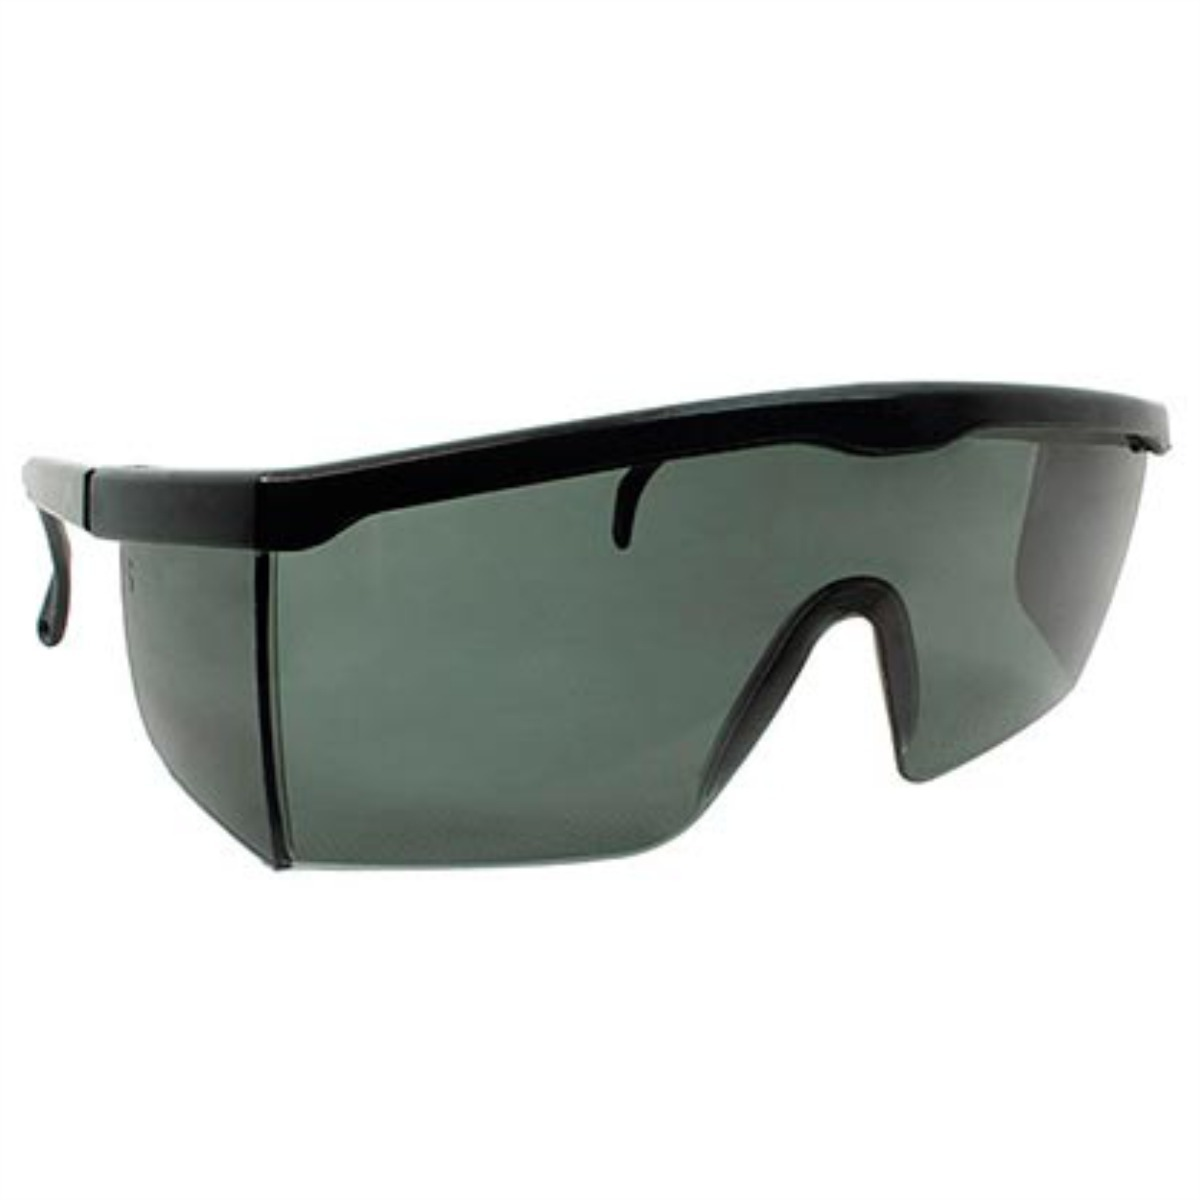 150 Oculos Preto Protecao Epi Construcao Civil Promocao - R  298,50 ... bd6f1028ac